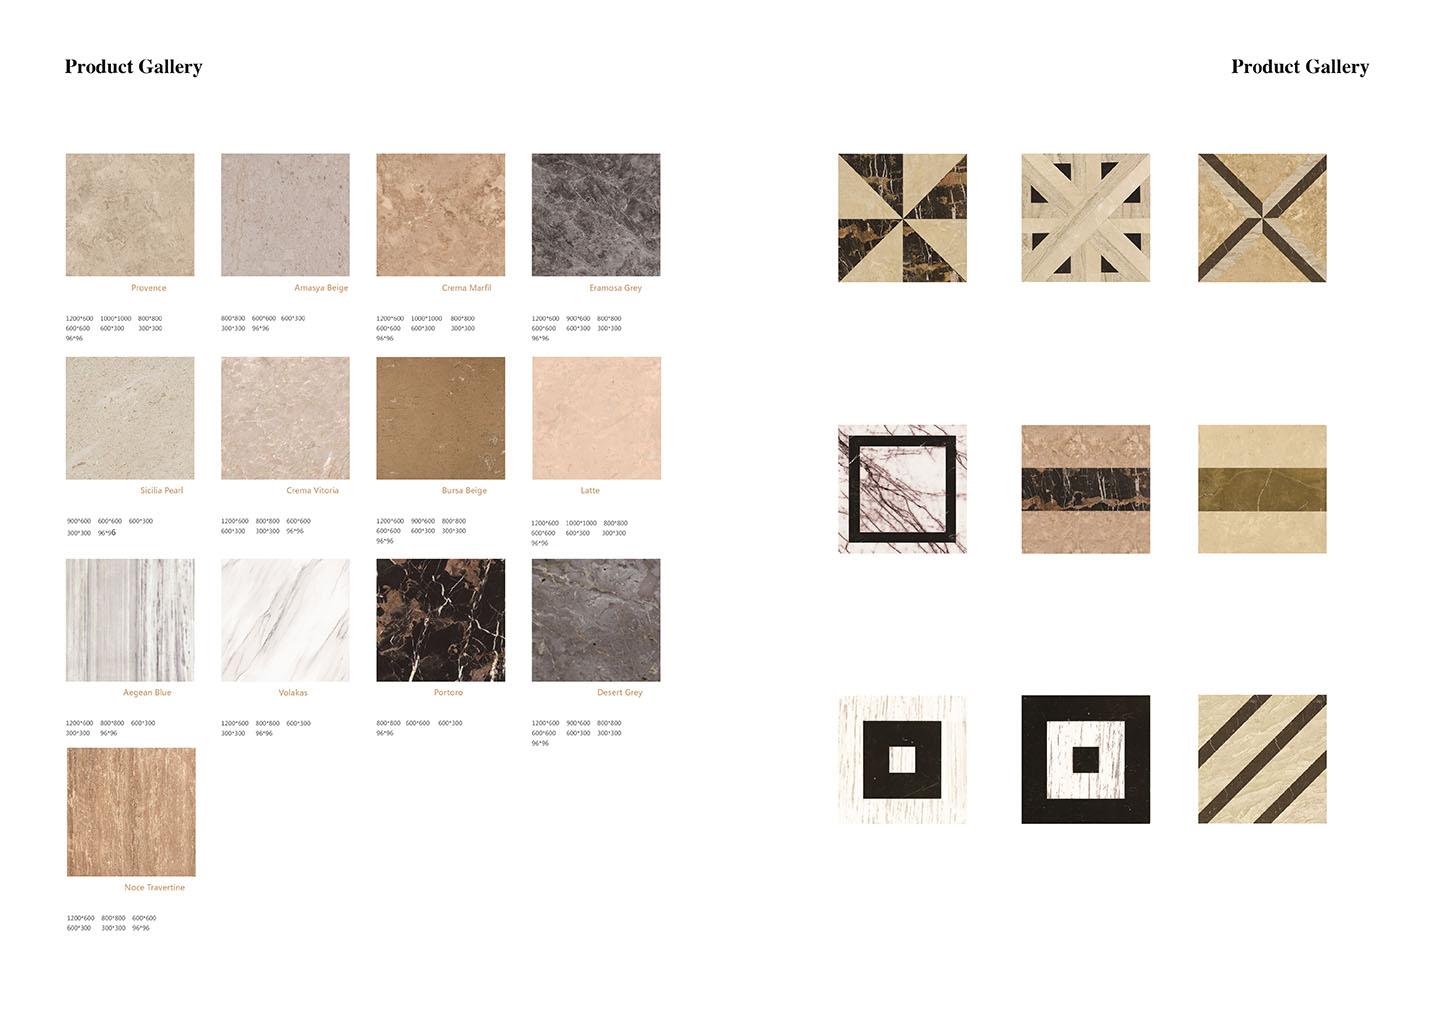 8施朗格画册产品总汇